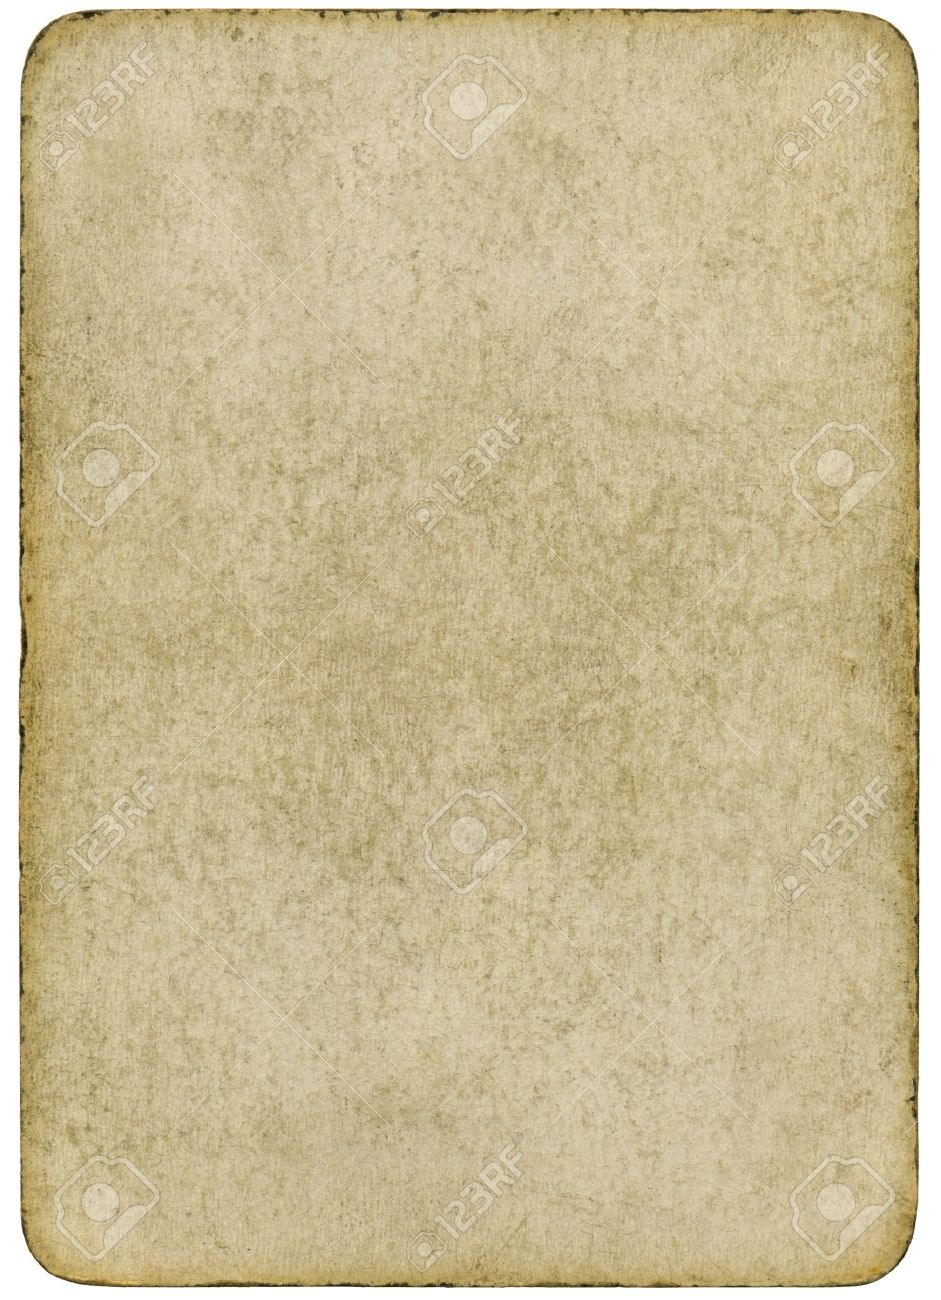 carte à jouer vierge Carte Jouer Vintage Et Vierge Isolée Sur Un Fond Blanc. Banque D